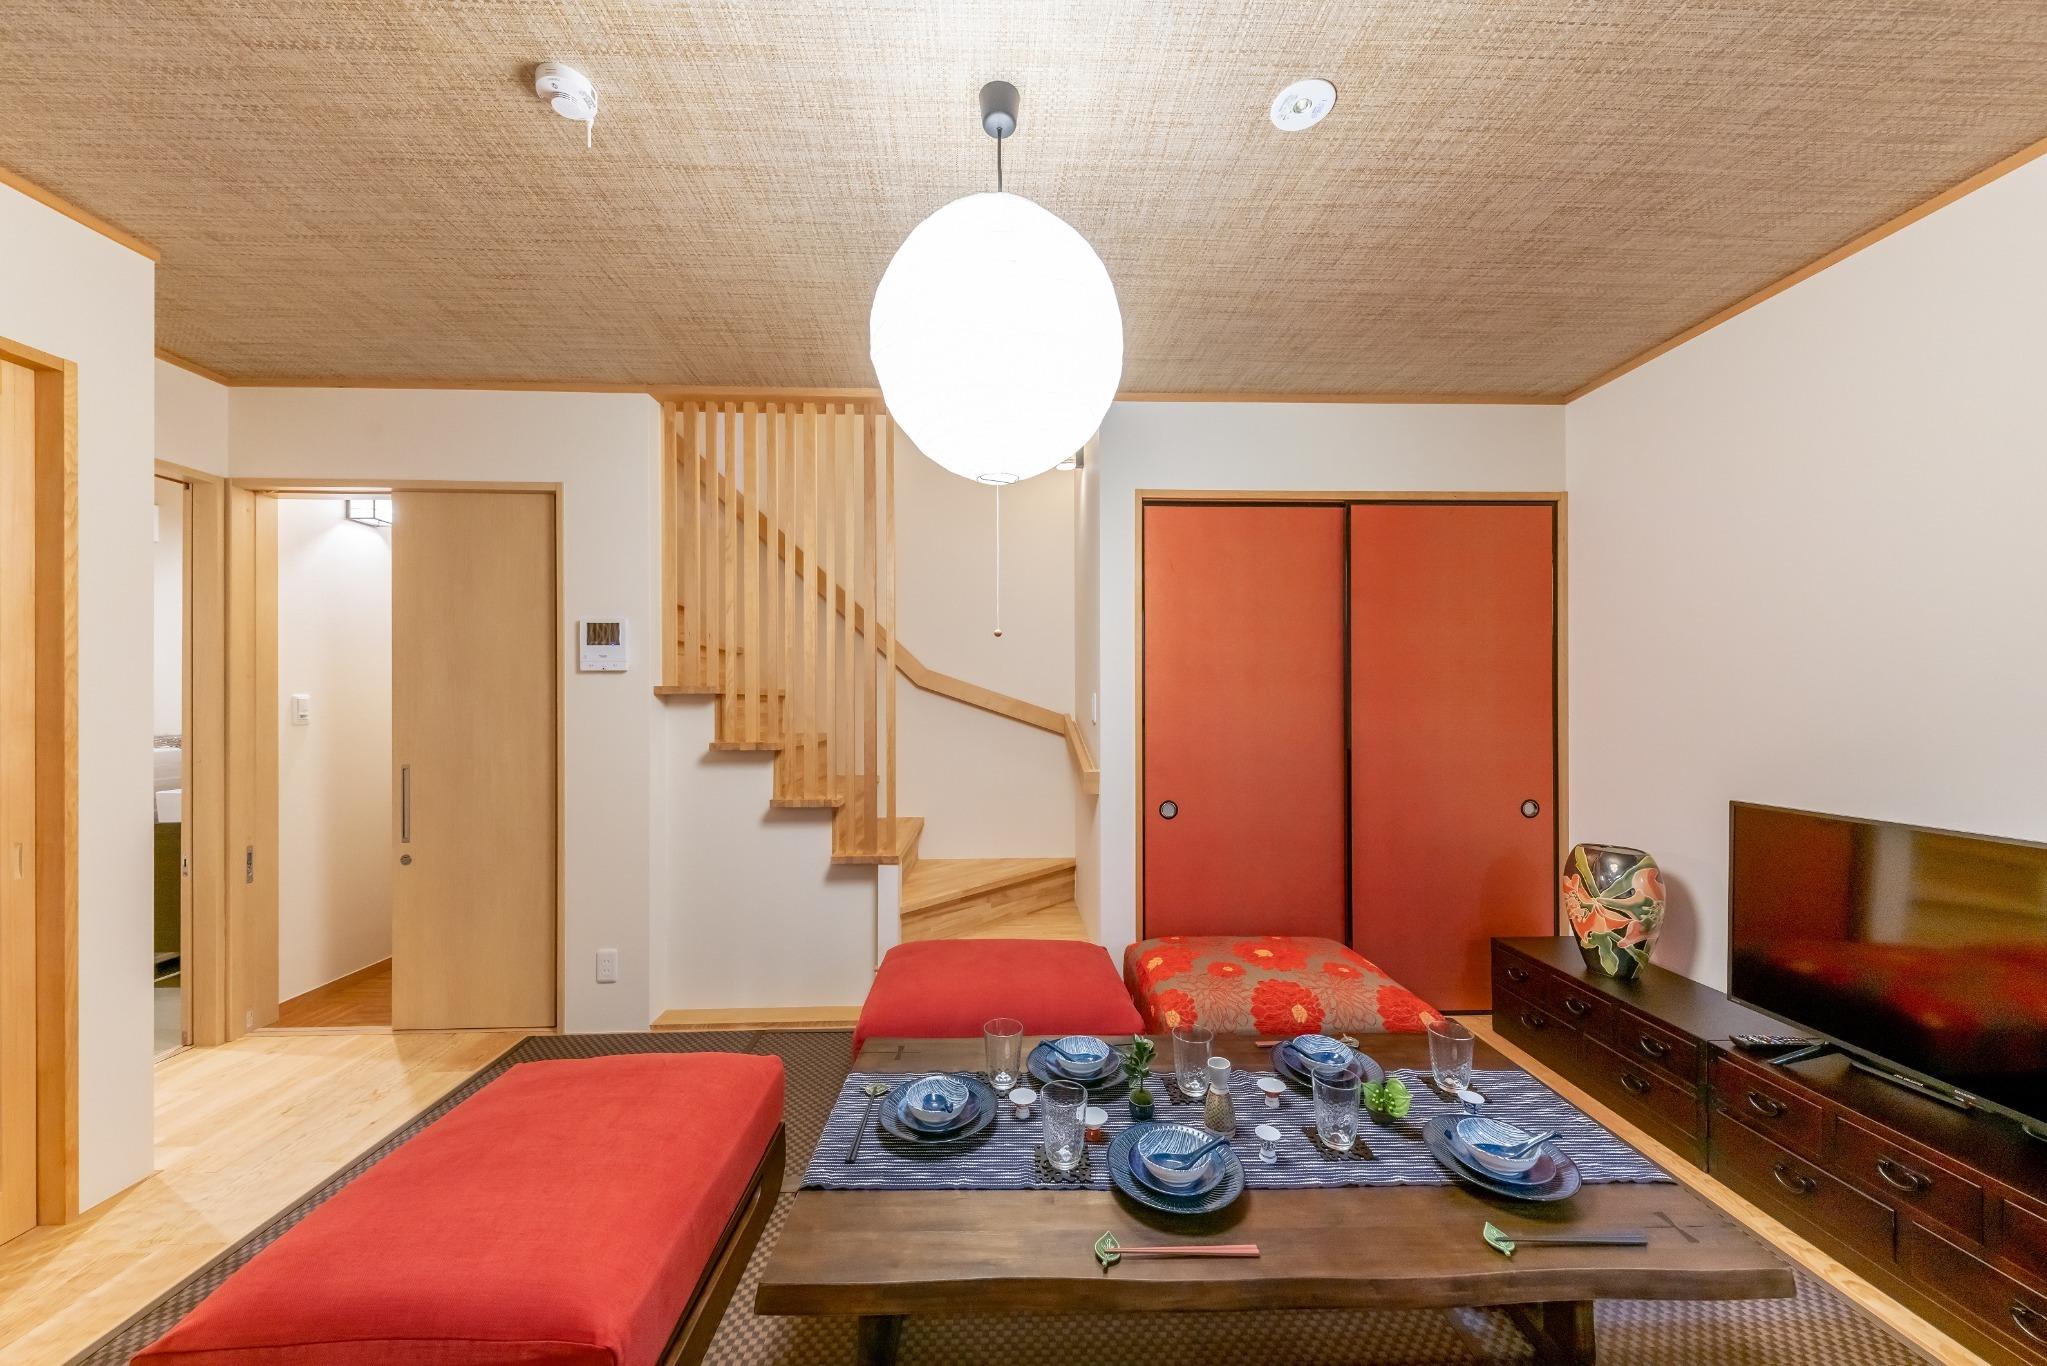 【宿家】柳通り東棟 浅草モダン和風のラグジュアリー一軒家